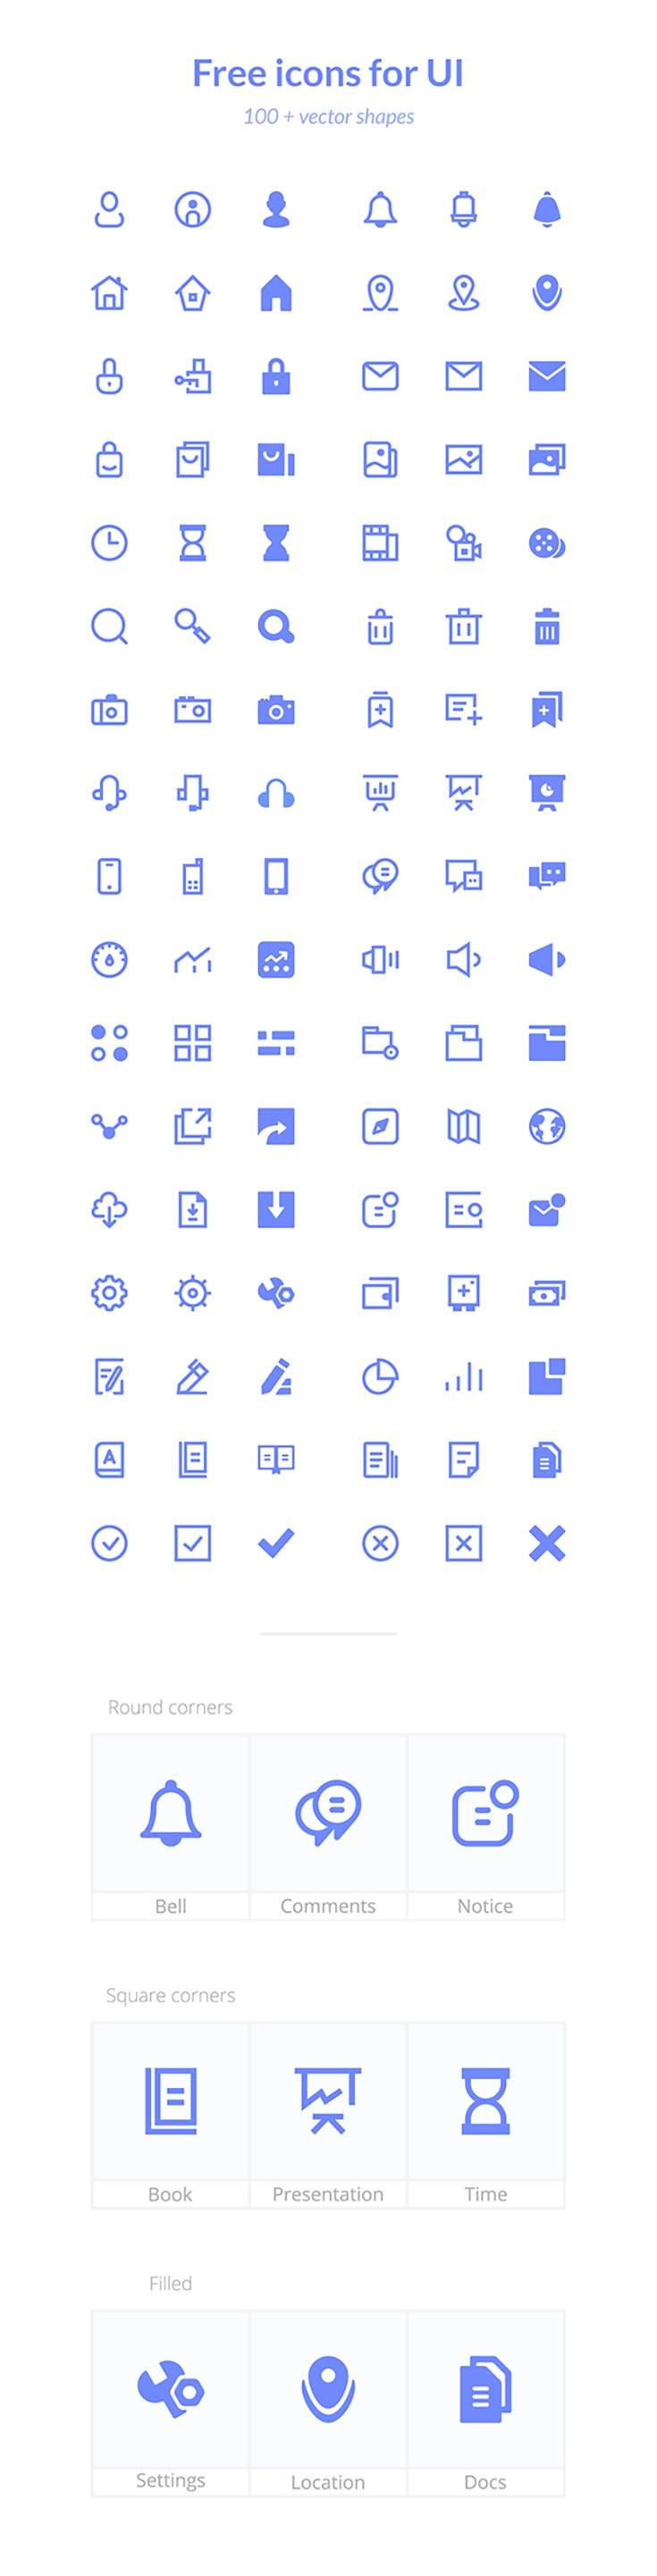 100 Free Basic Icons UI - Creativetacos